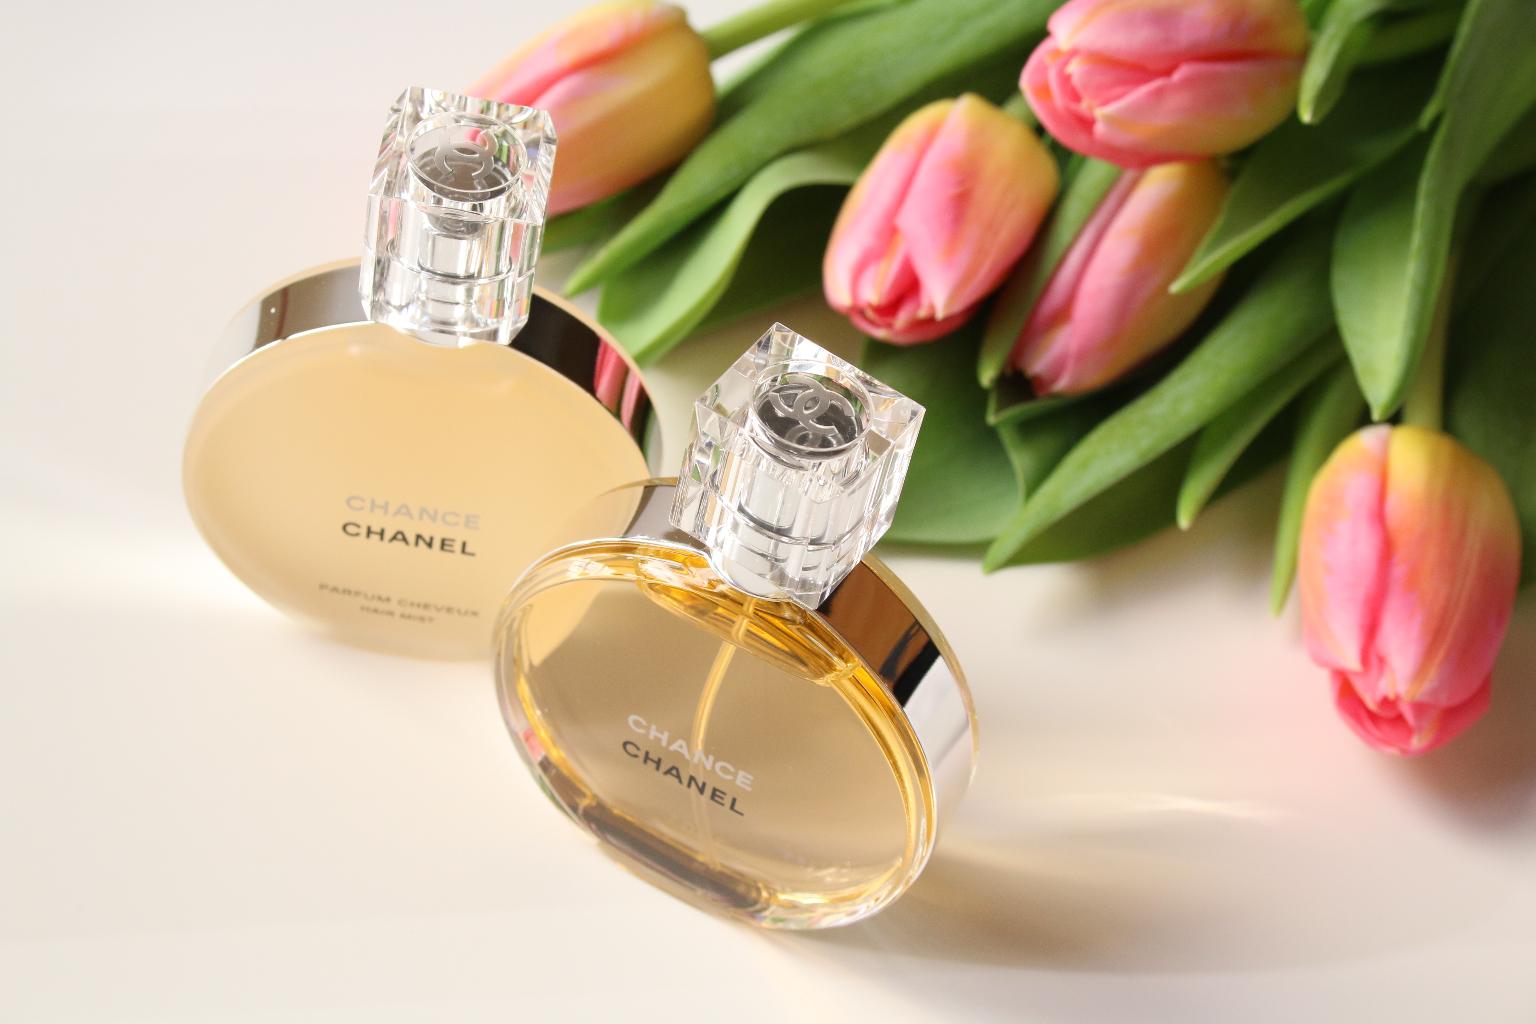 Chanel Chance  La chance a portata di mano THEOLDNOW (4)